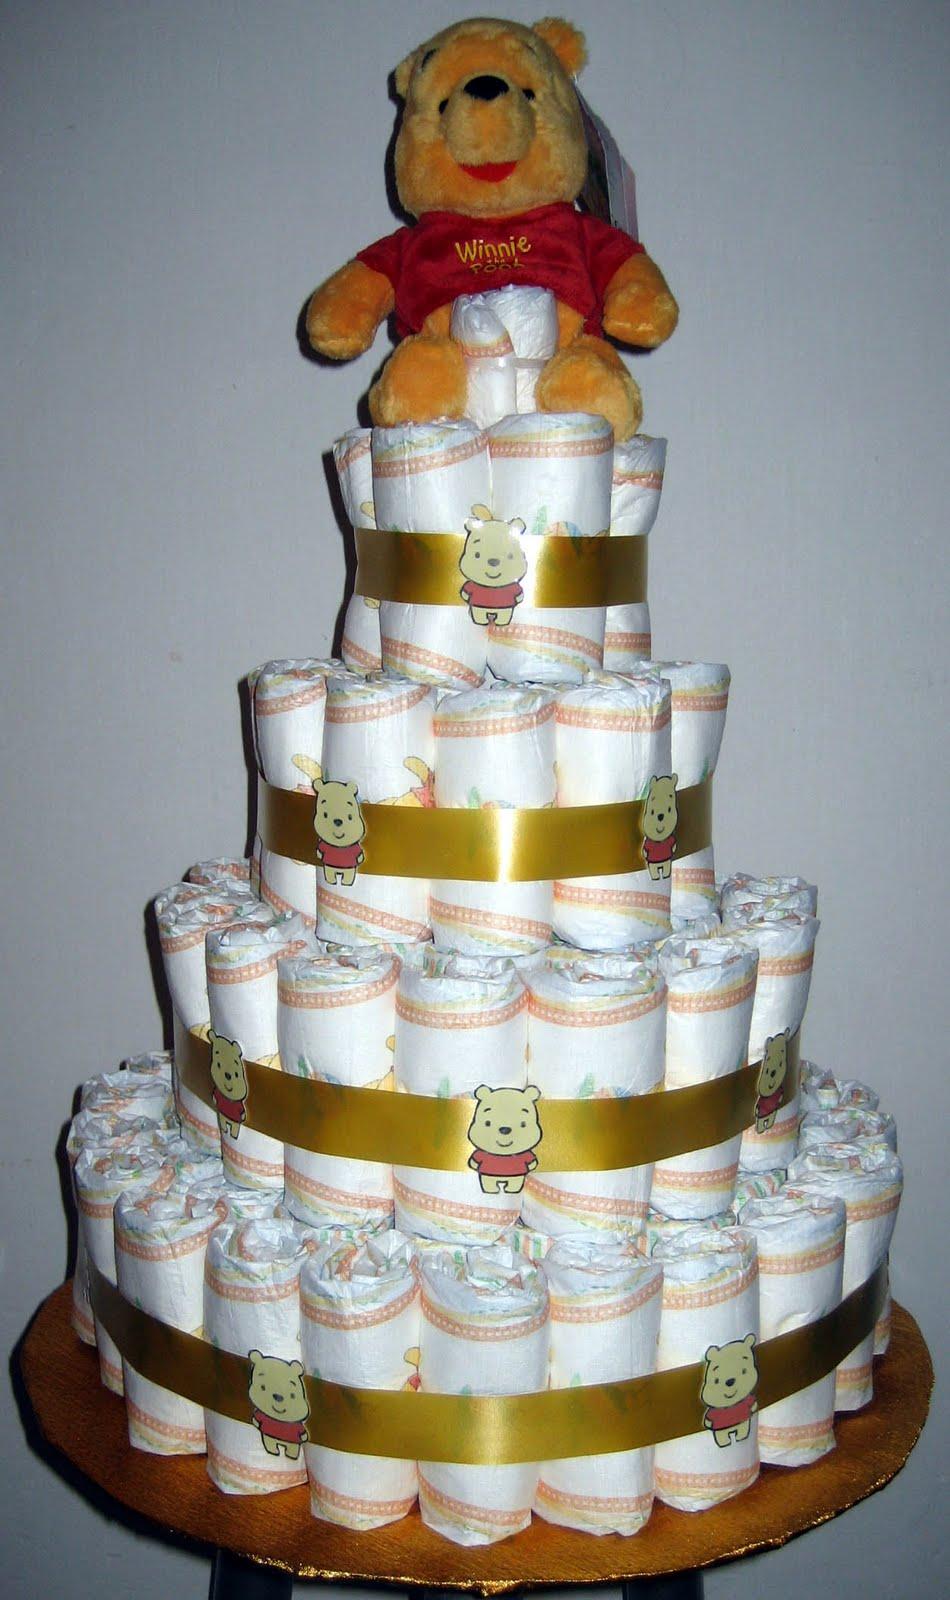 tartas de pa ales y mas tarta 4 pisos dorada winnie the pooh. Black Bedroom Furniture Sets. Home Design Ideas